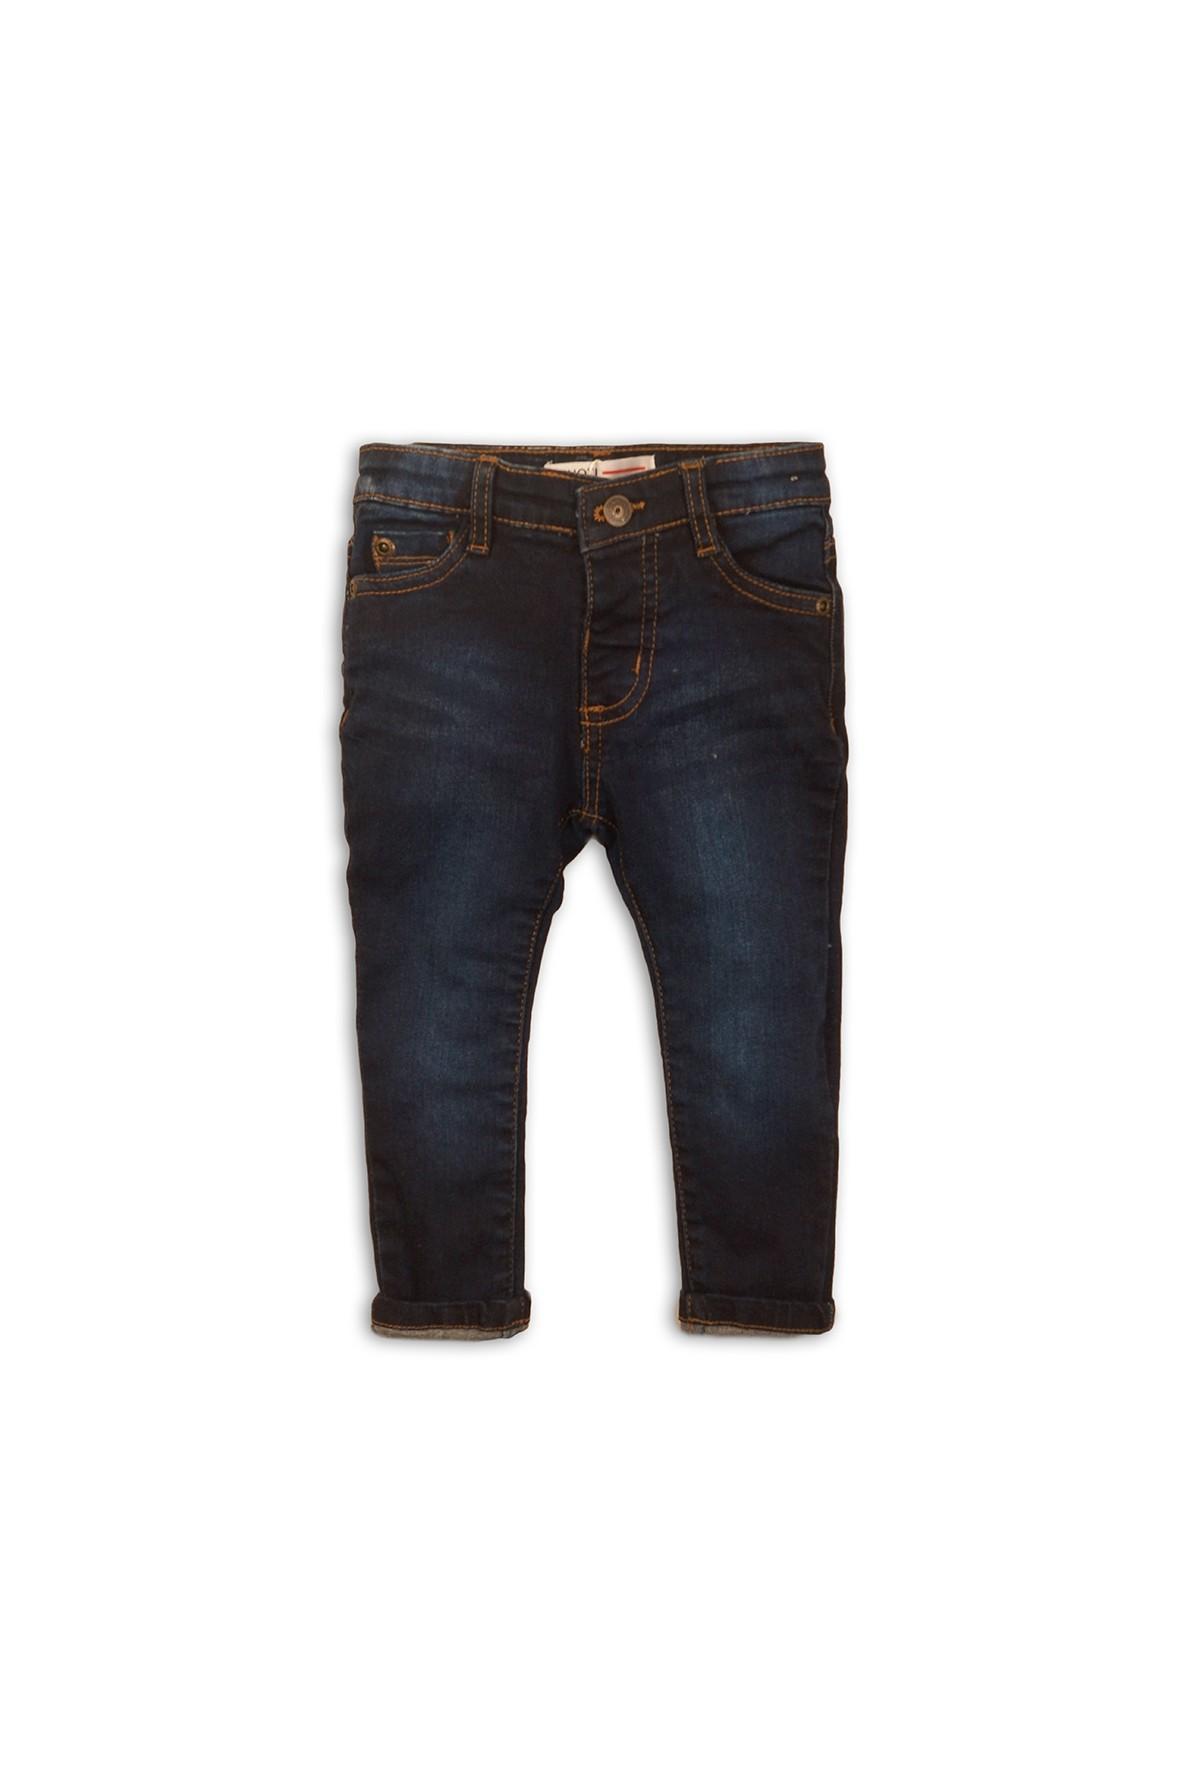 Spodnie chłopięce jeansowe granatowe rozm 92/98